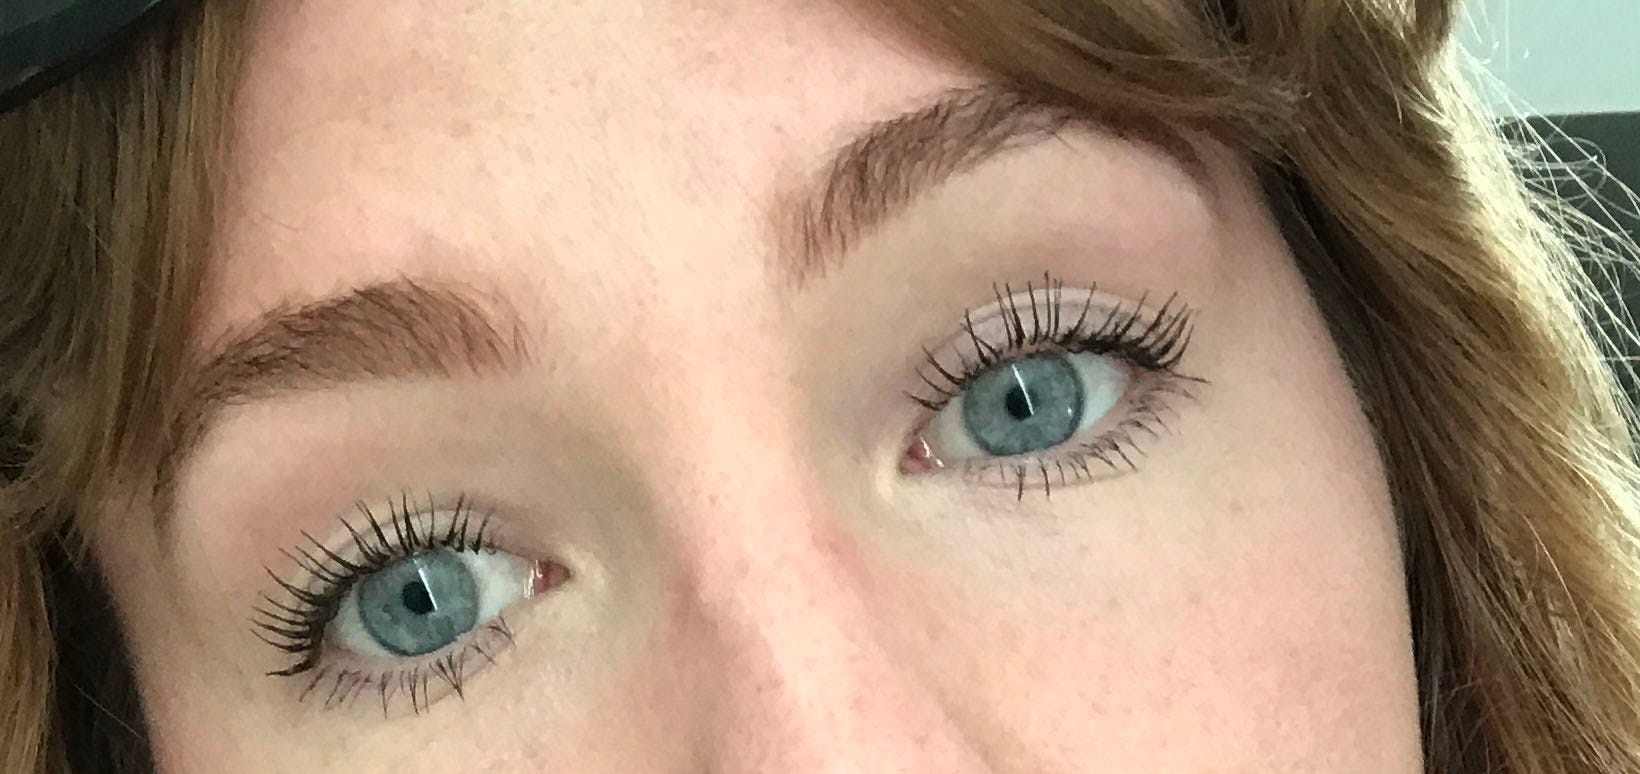 Eyebrow Threading And Tinting Cost - Eyebrows Idea